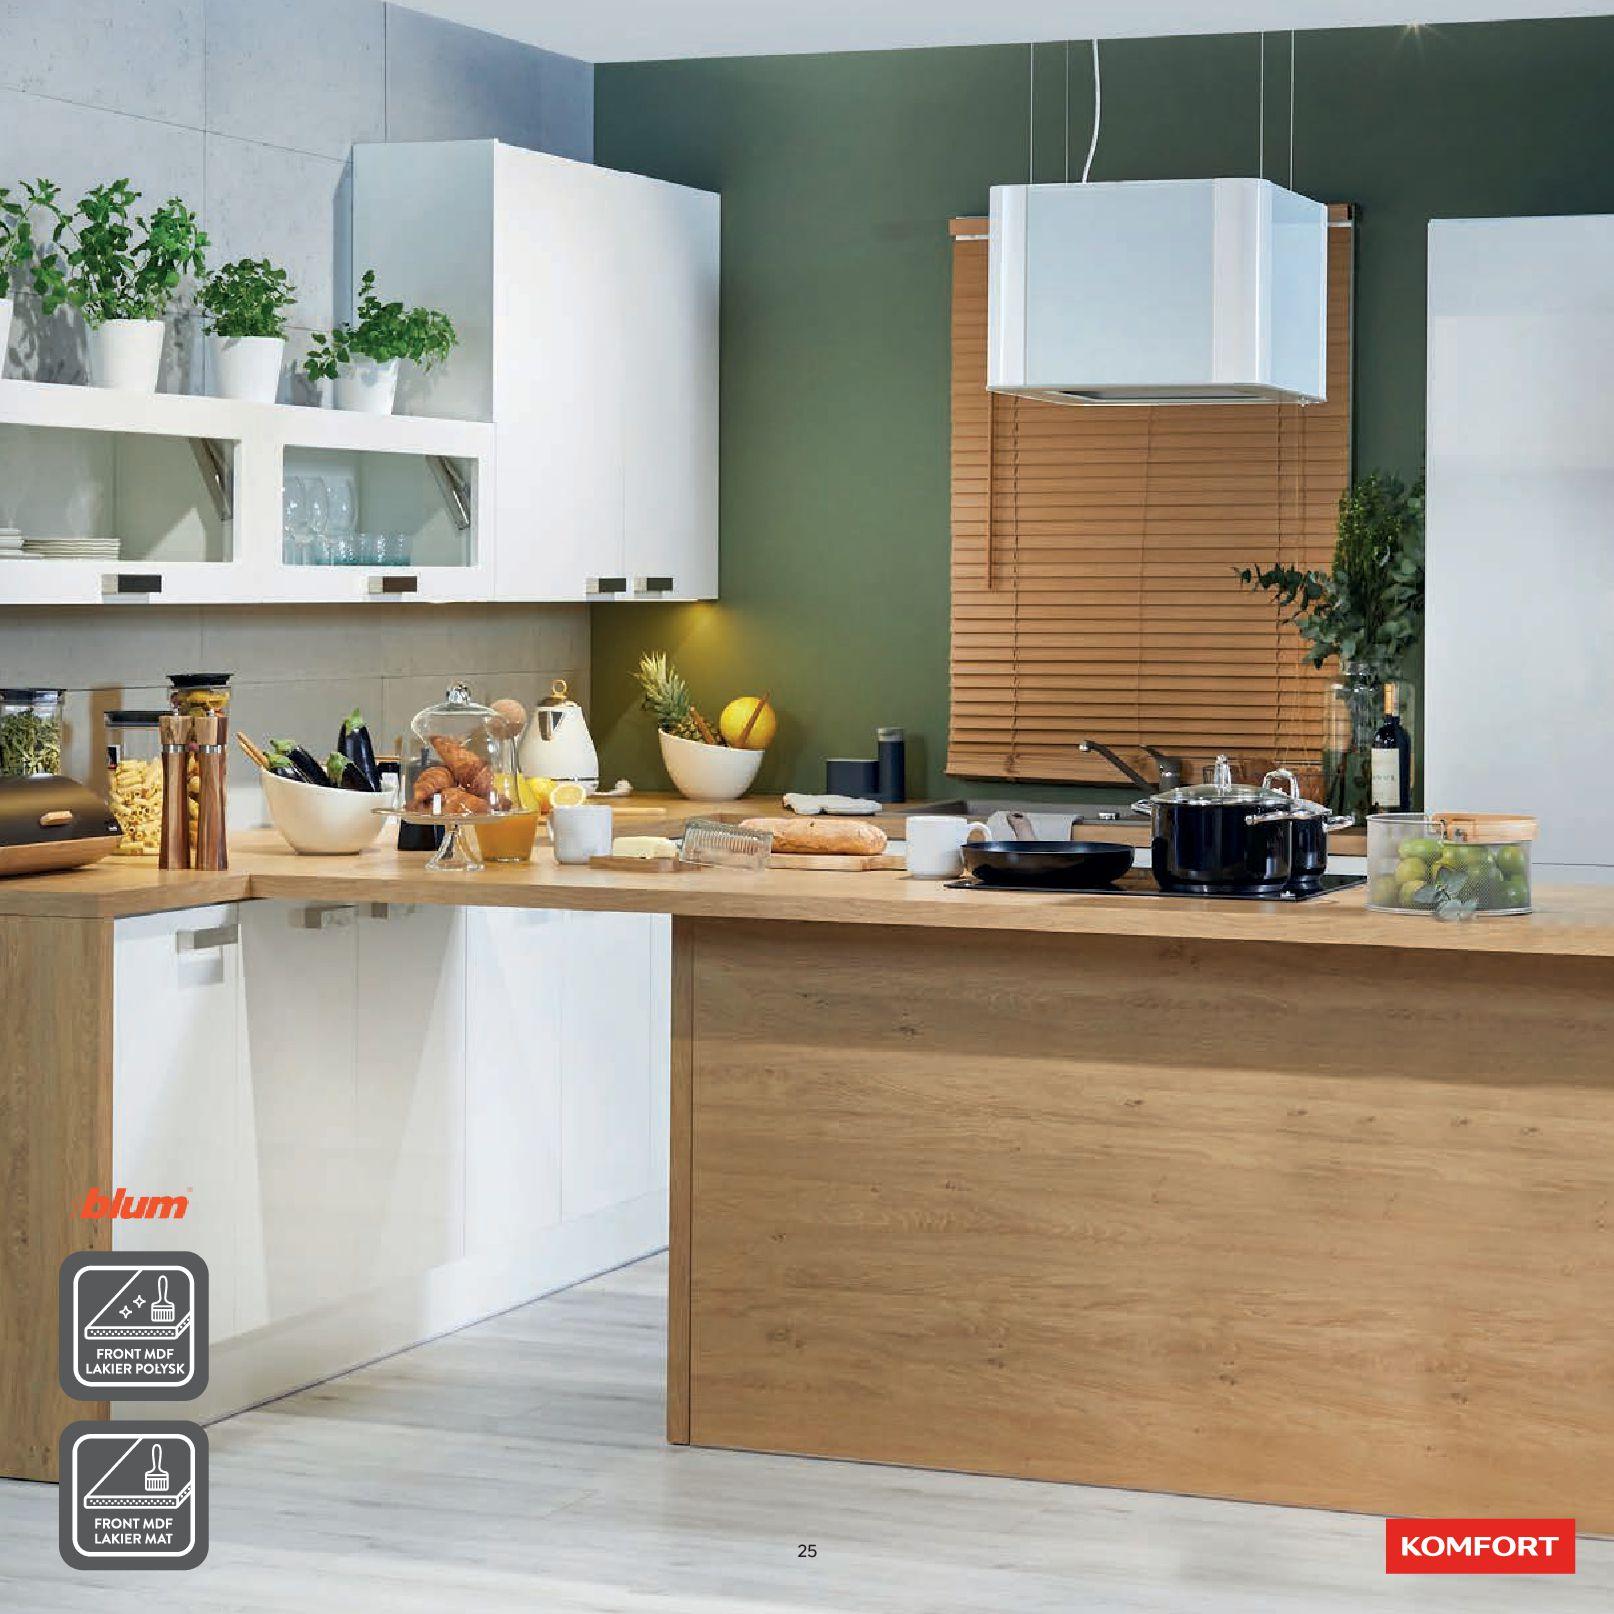 Gazetka Komfort: Gazetka Komfort - Katalog Kuchnie 2021 2021-06-16 page-27